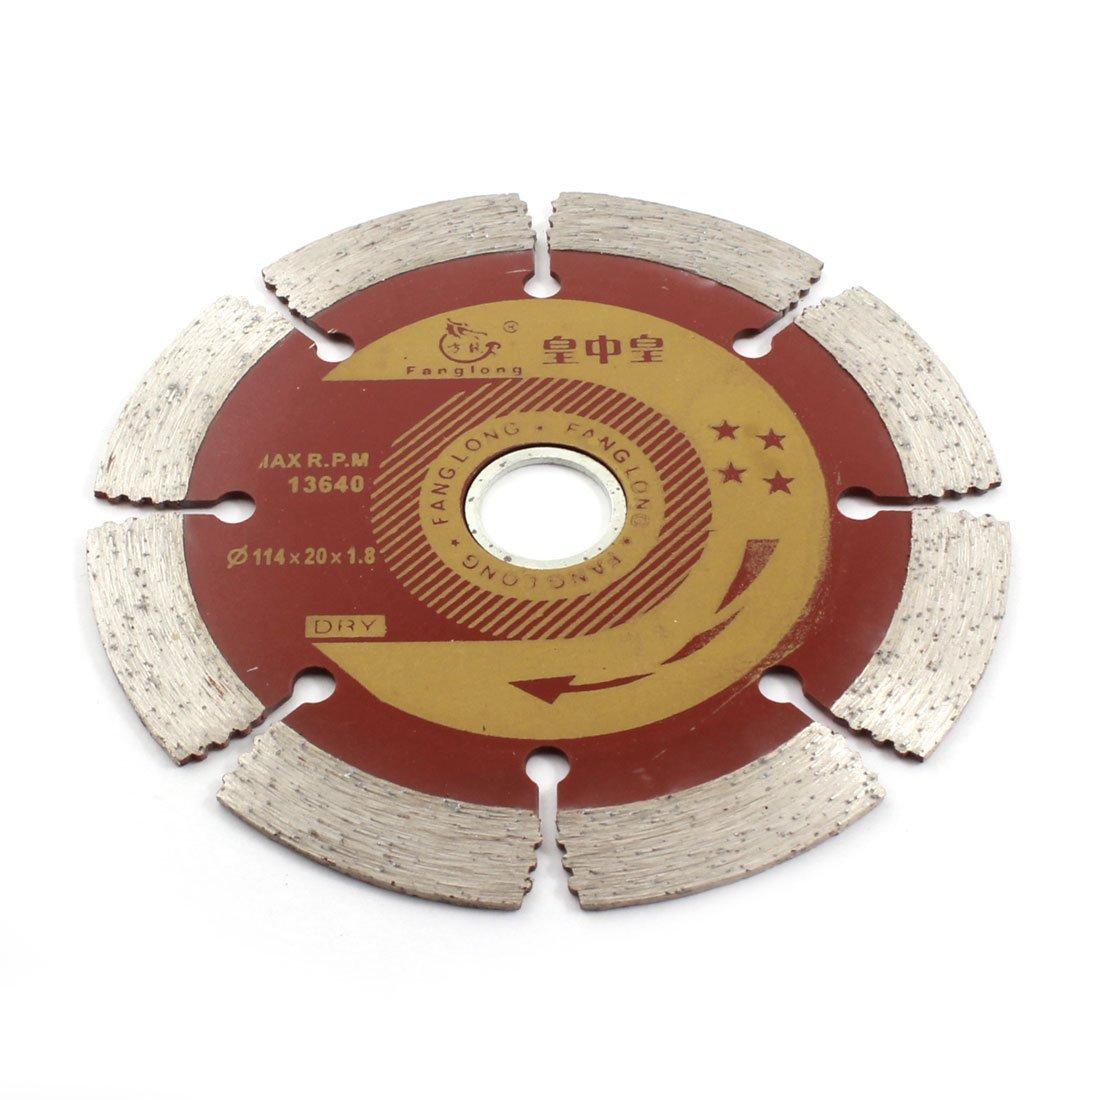 De plata gris de mármol rojo de corte 114 mm Diámetro de la hoja de sierra de diamante 13640RPM Accesorios de taladro